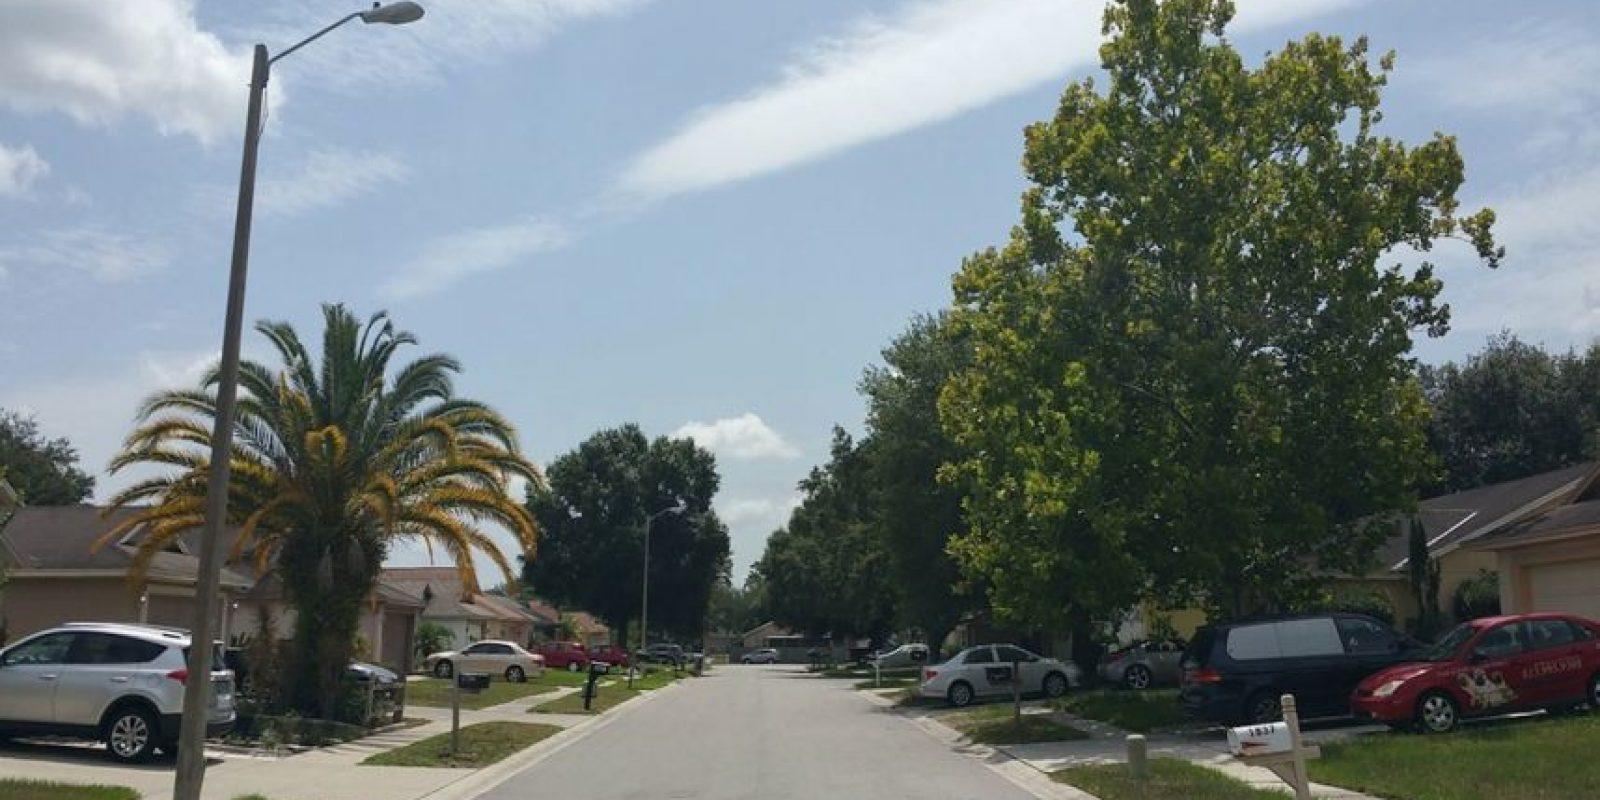 Ahora es una calle llena de árboles. Foto:Reddit/Voodrew